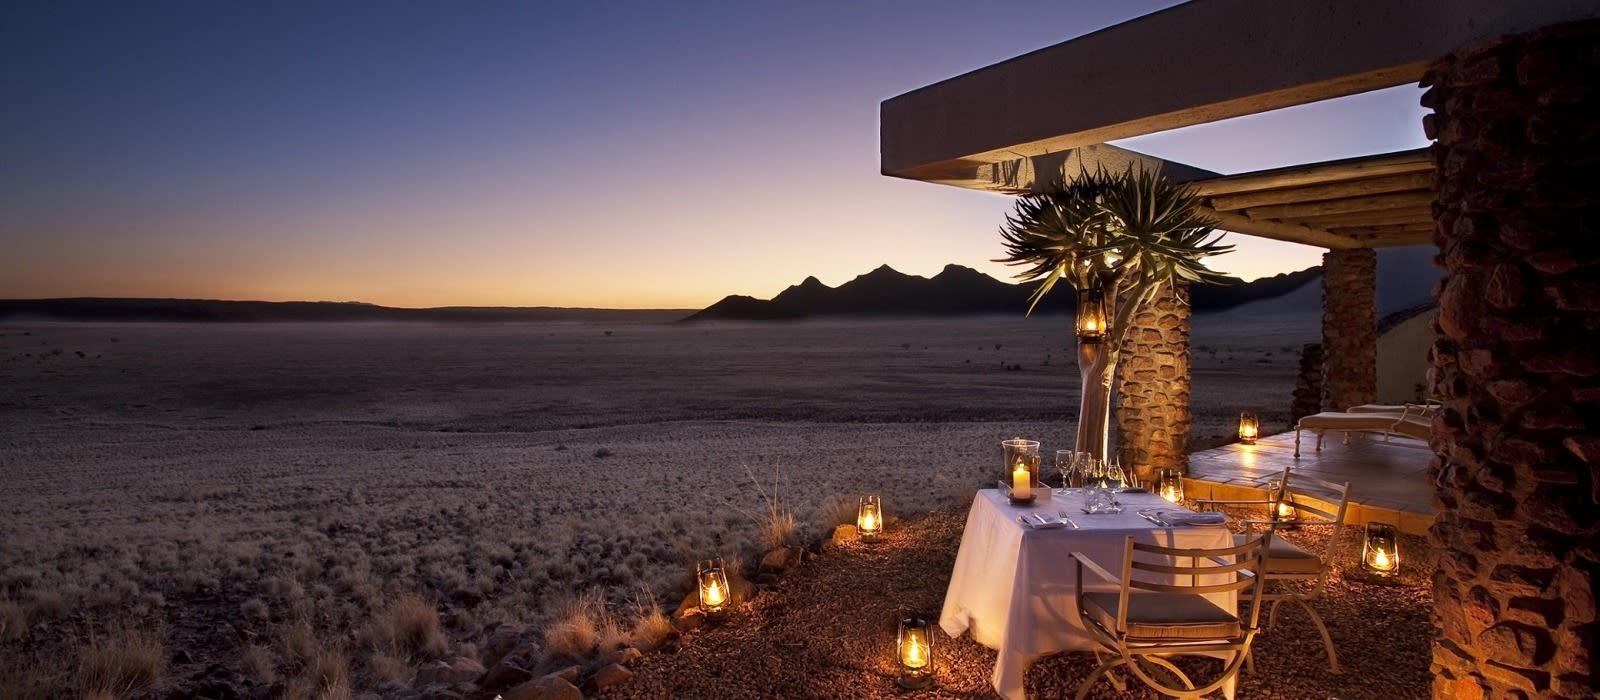 Namibias schönste Landschaften von oben Urlaub 6